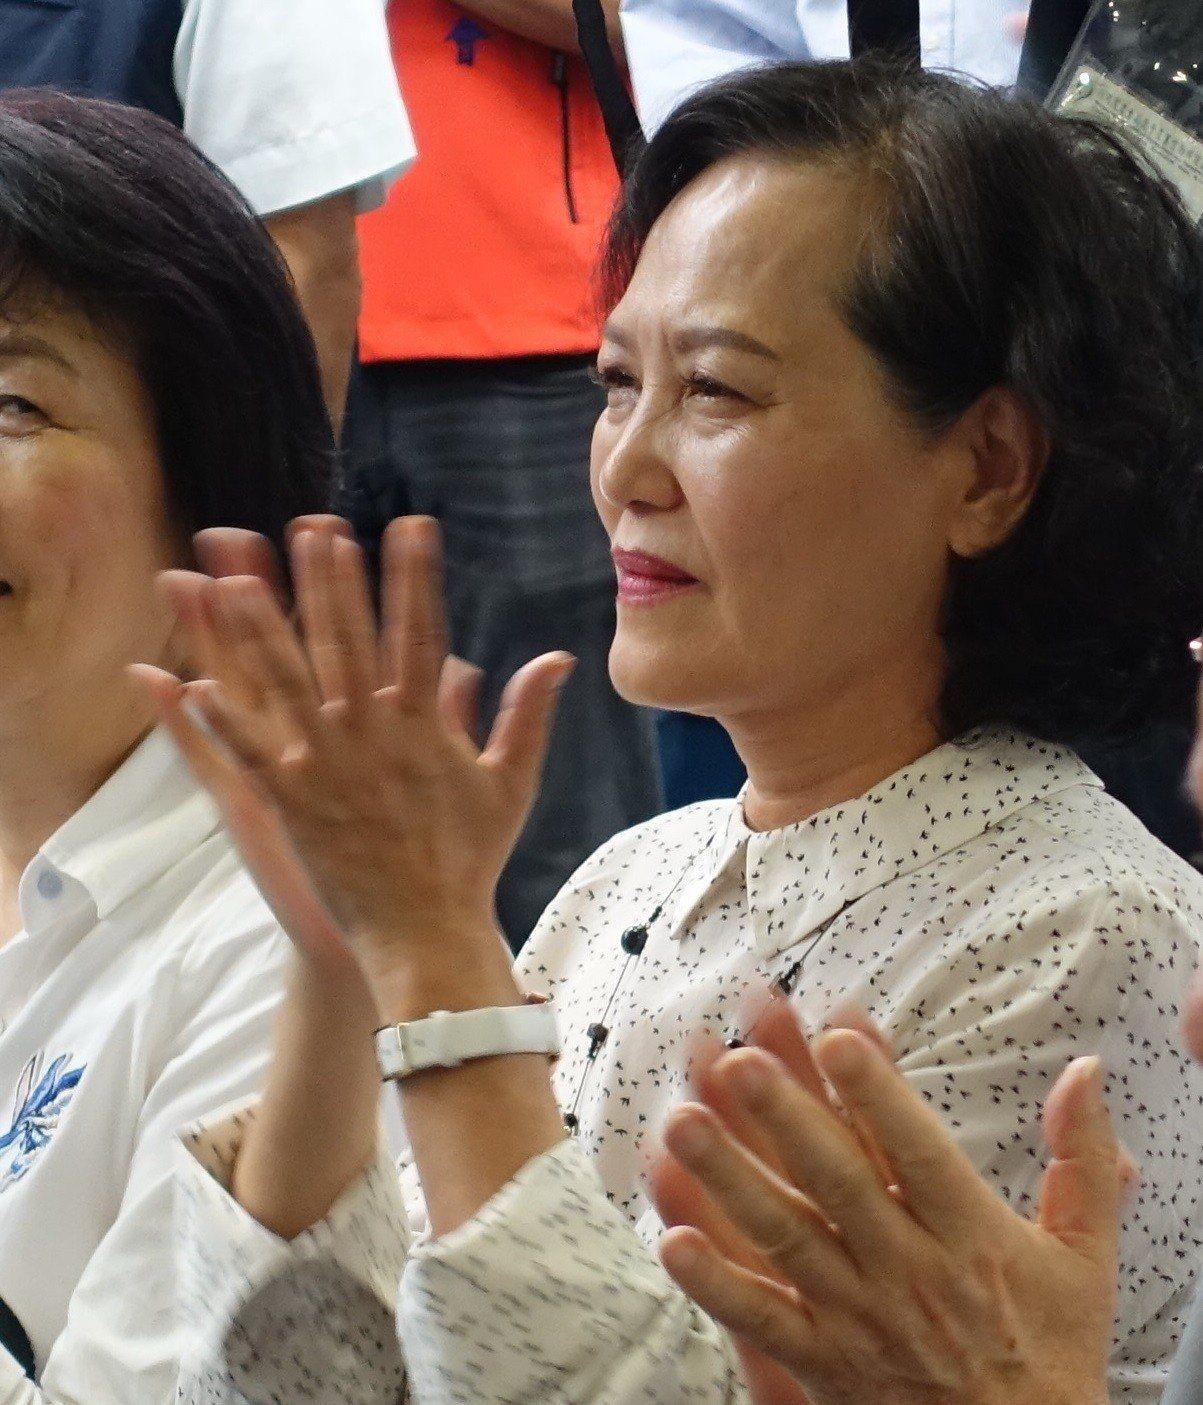 立法院長蘇嘉全的夫人洪恆珠是否以無黨籍參選立委,帶給外界極大的想像空間。記者翁禎...